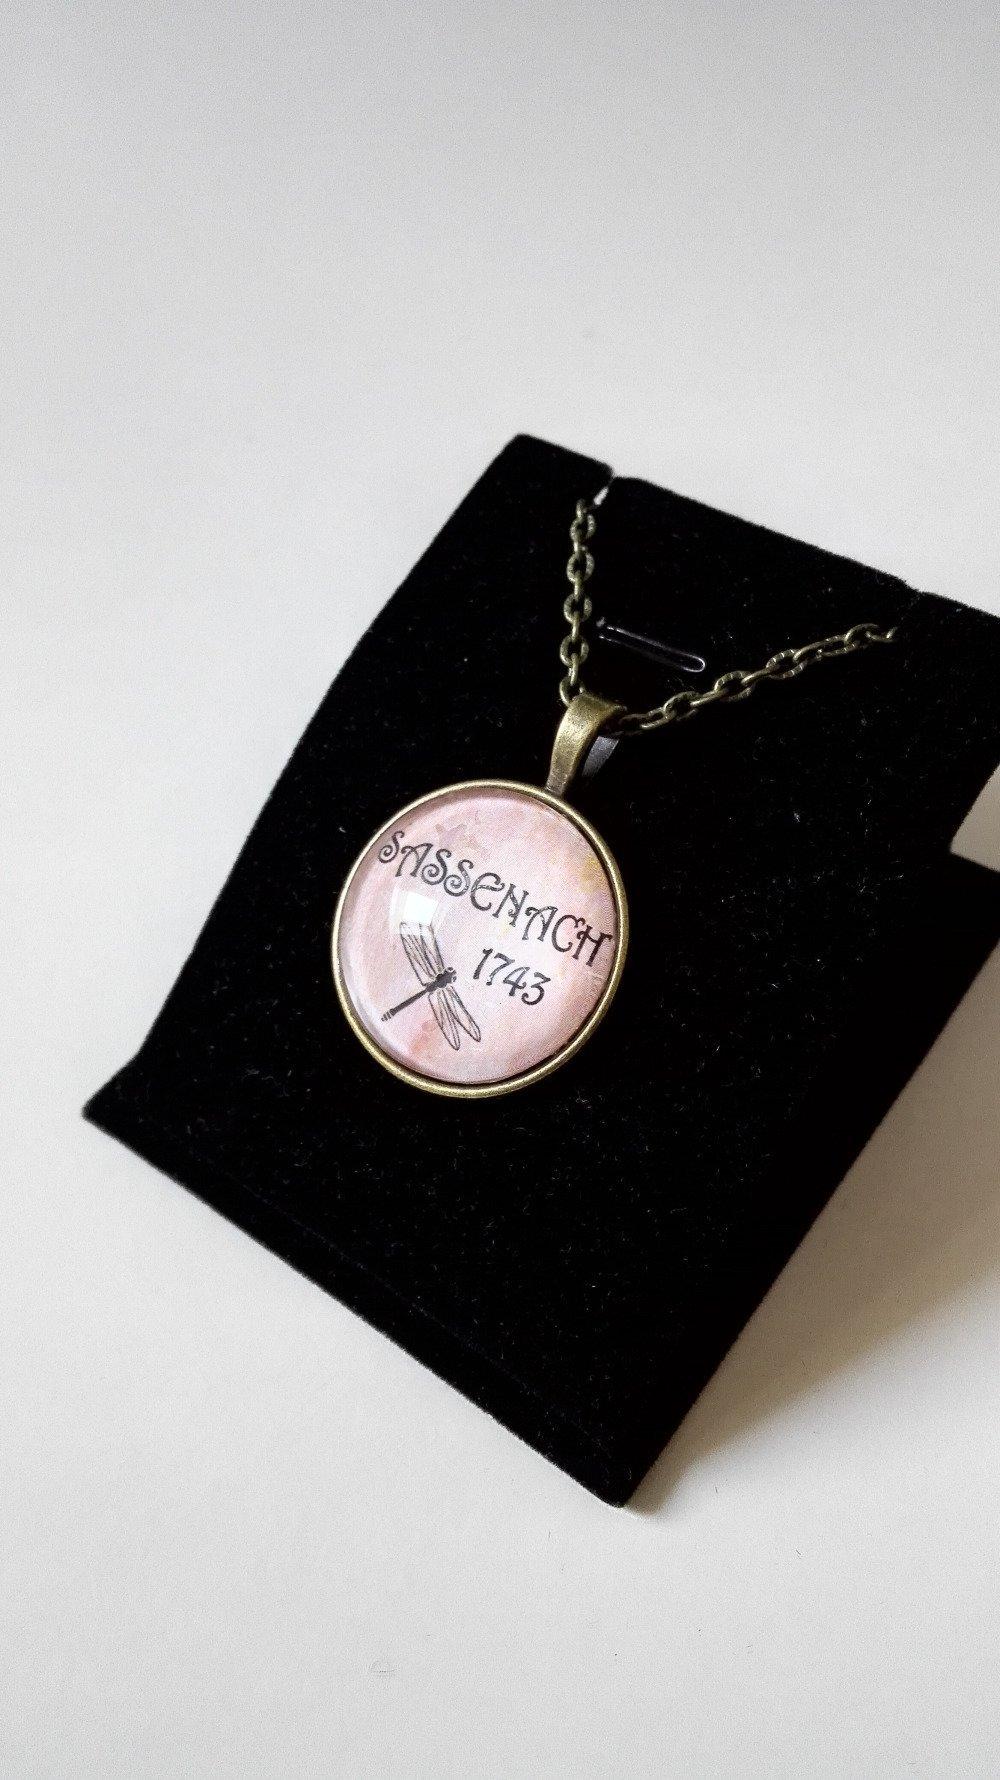 Collier Outlander celtique sassenach libellule cabochon bronze beige féérique idée cadeau Miss Perles